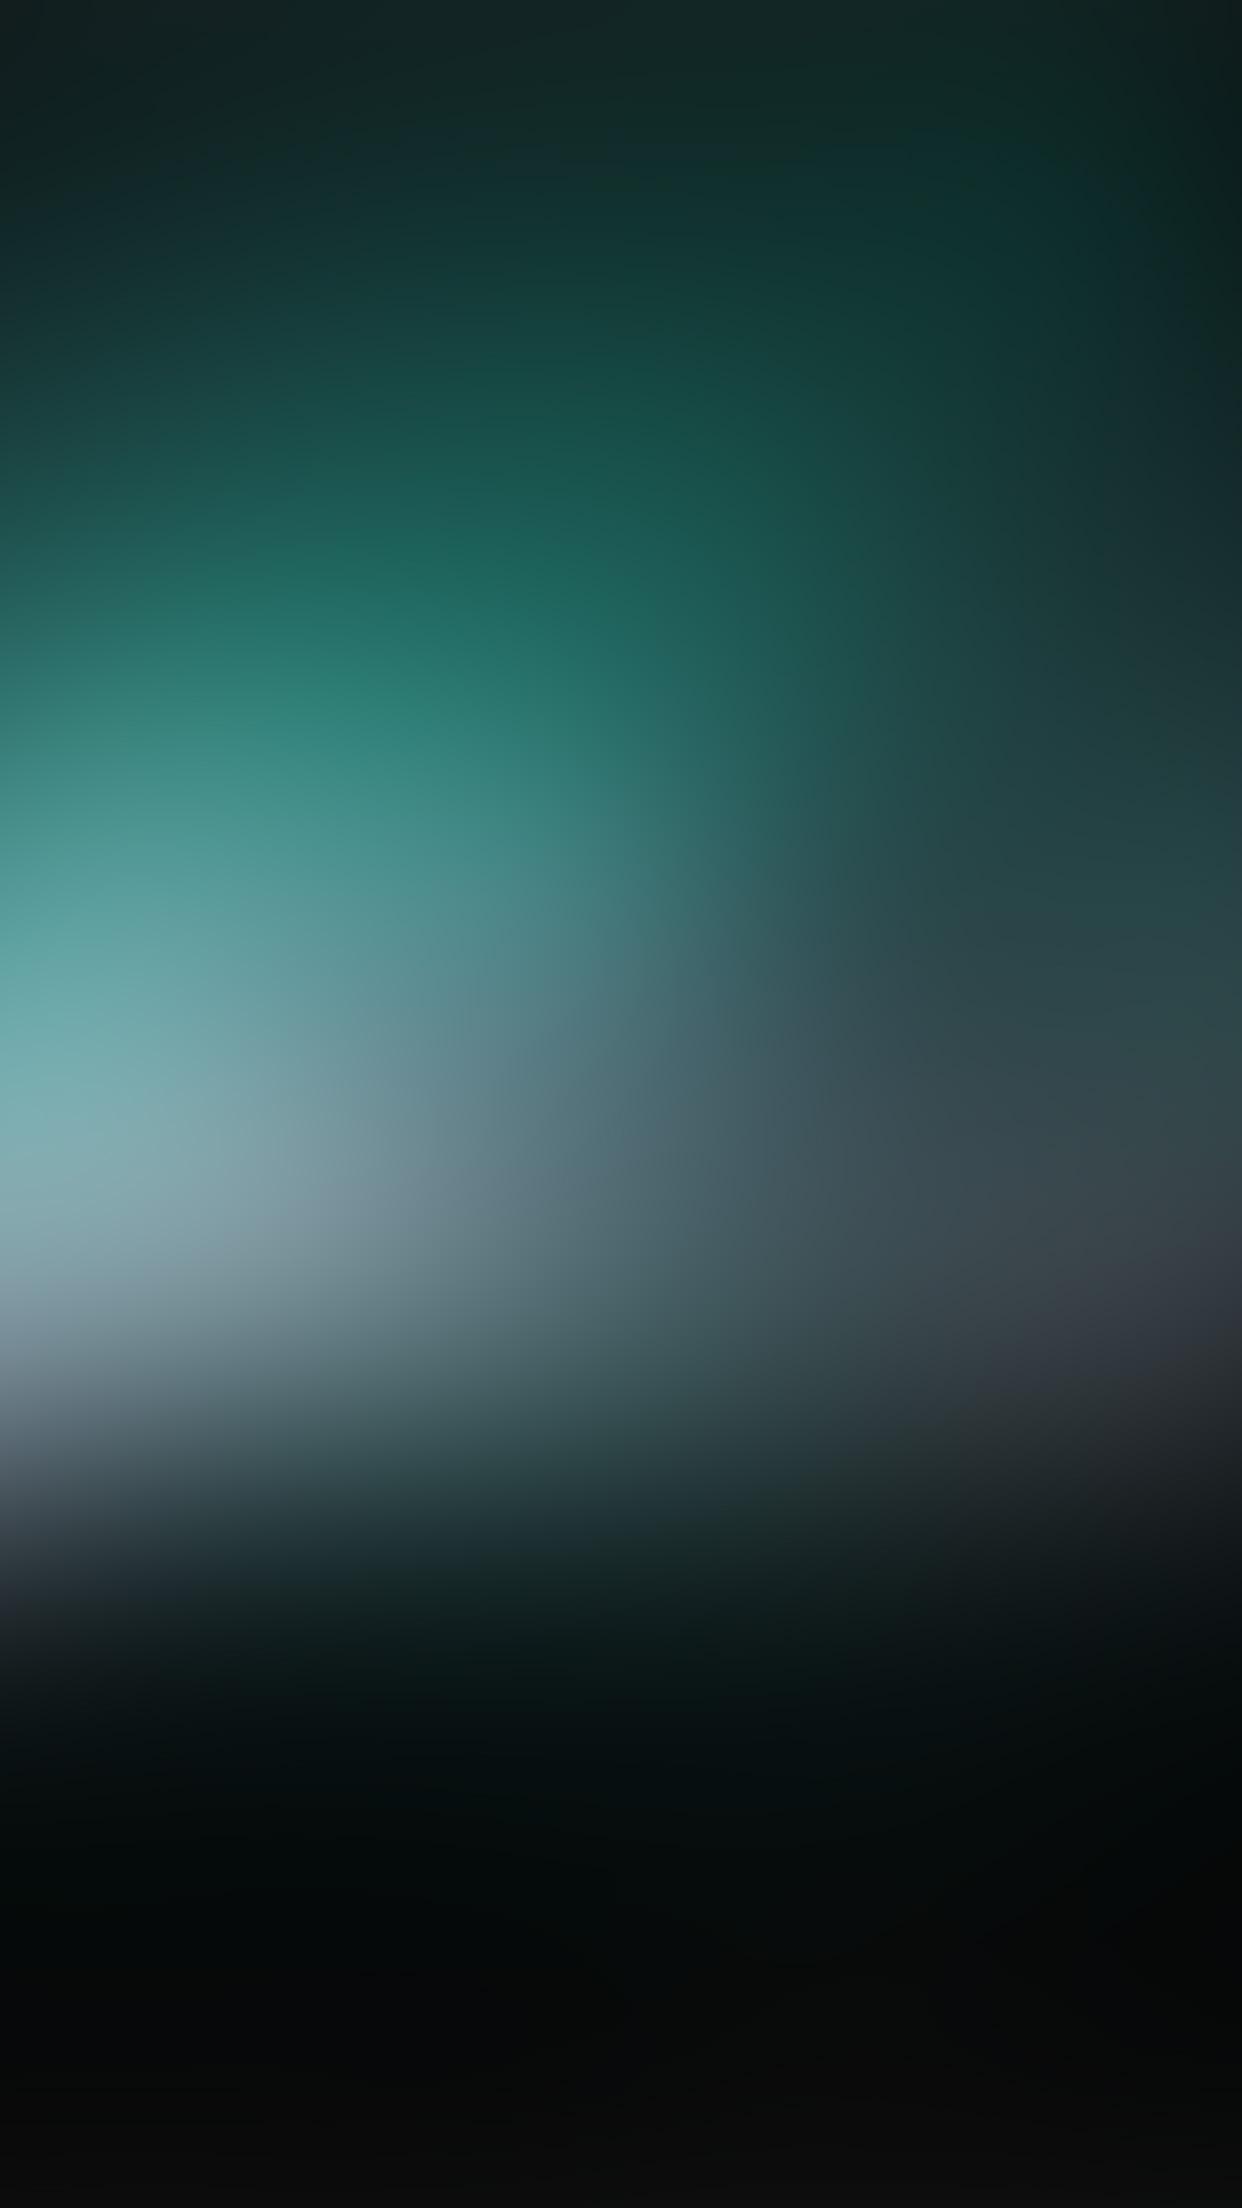 Fall Halloween Desktop Wallpaper Papers Co Iphone Wallpaper Sj13 Green Dark Aurora Blur